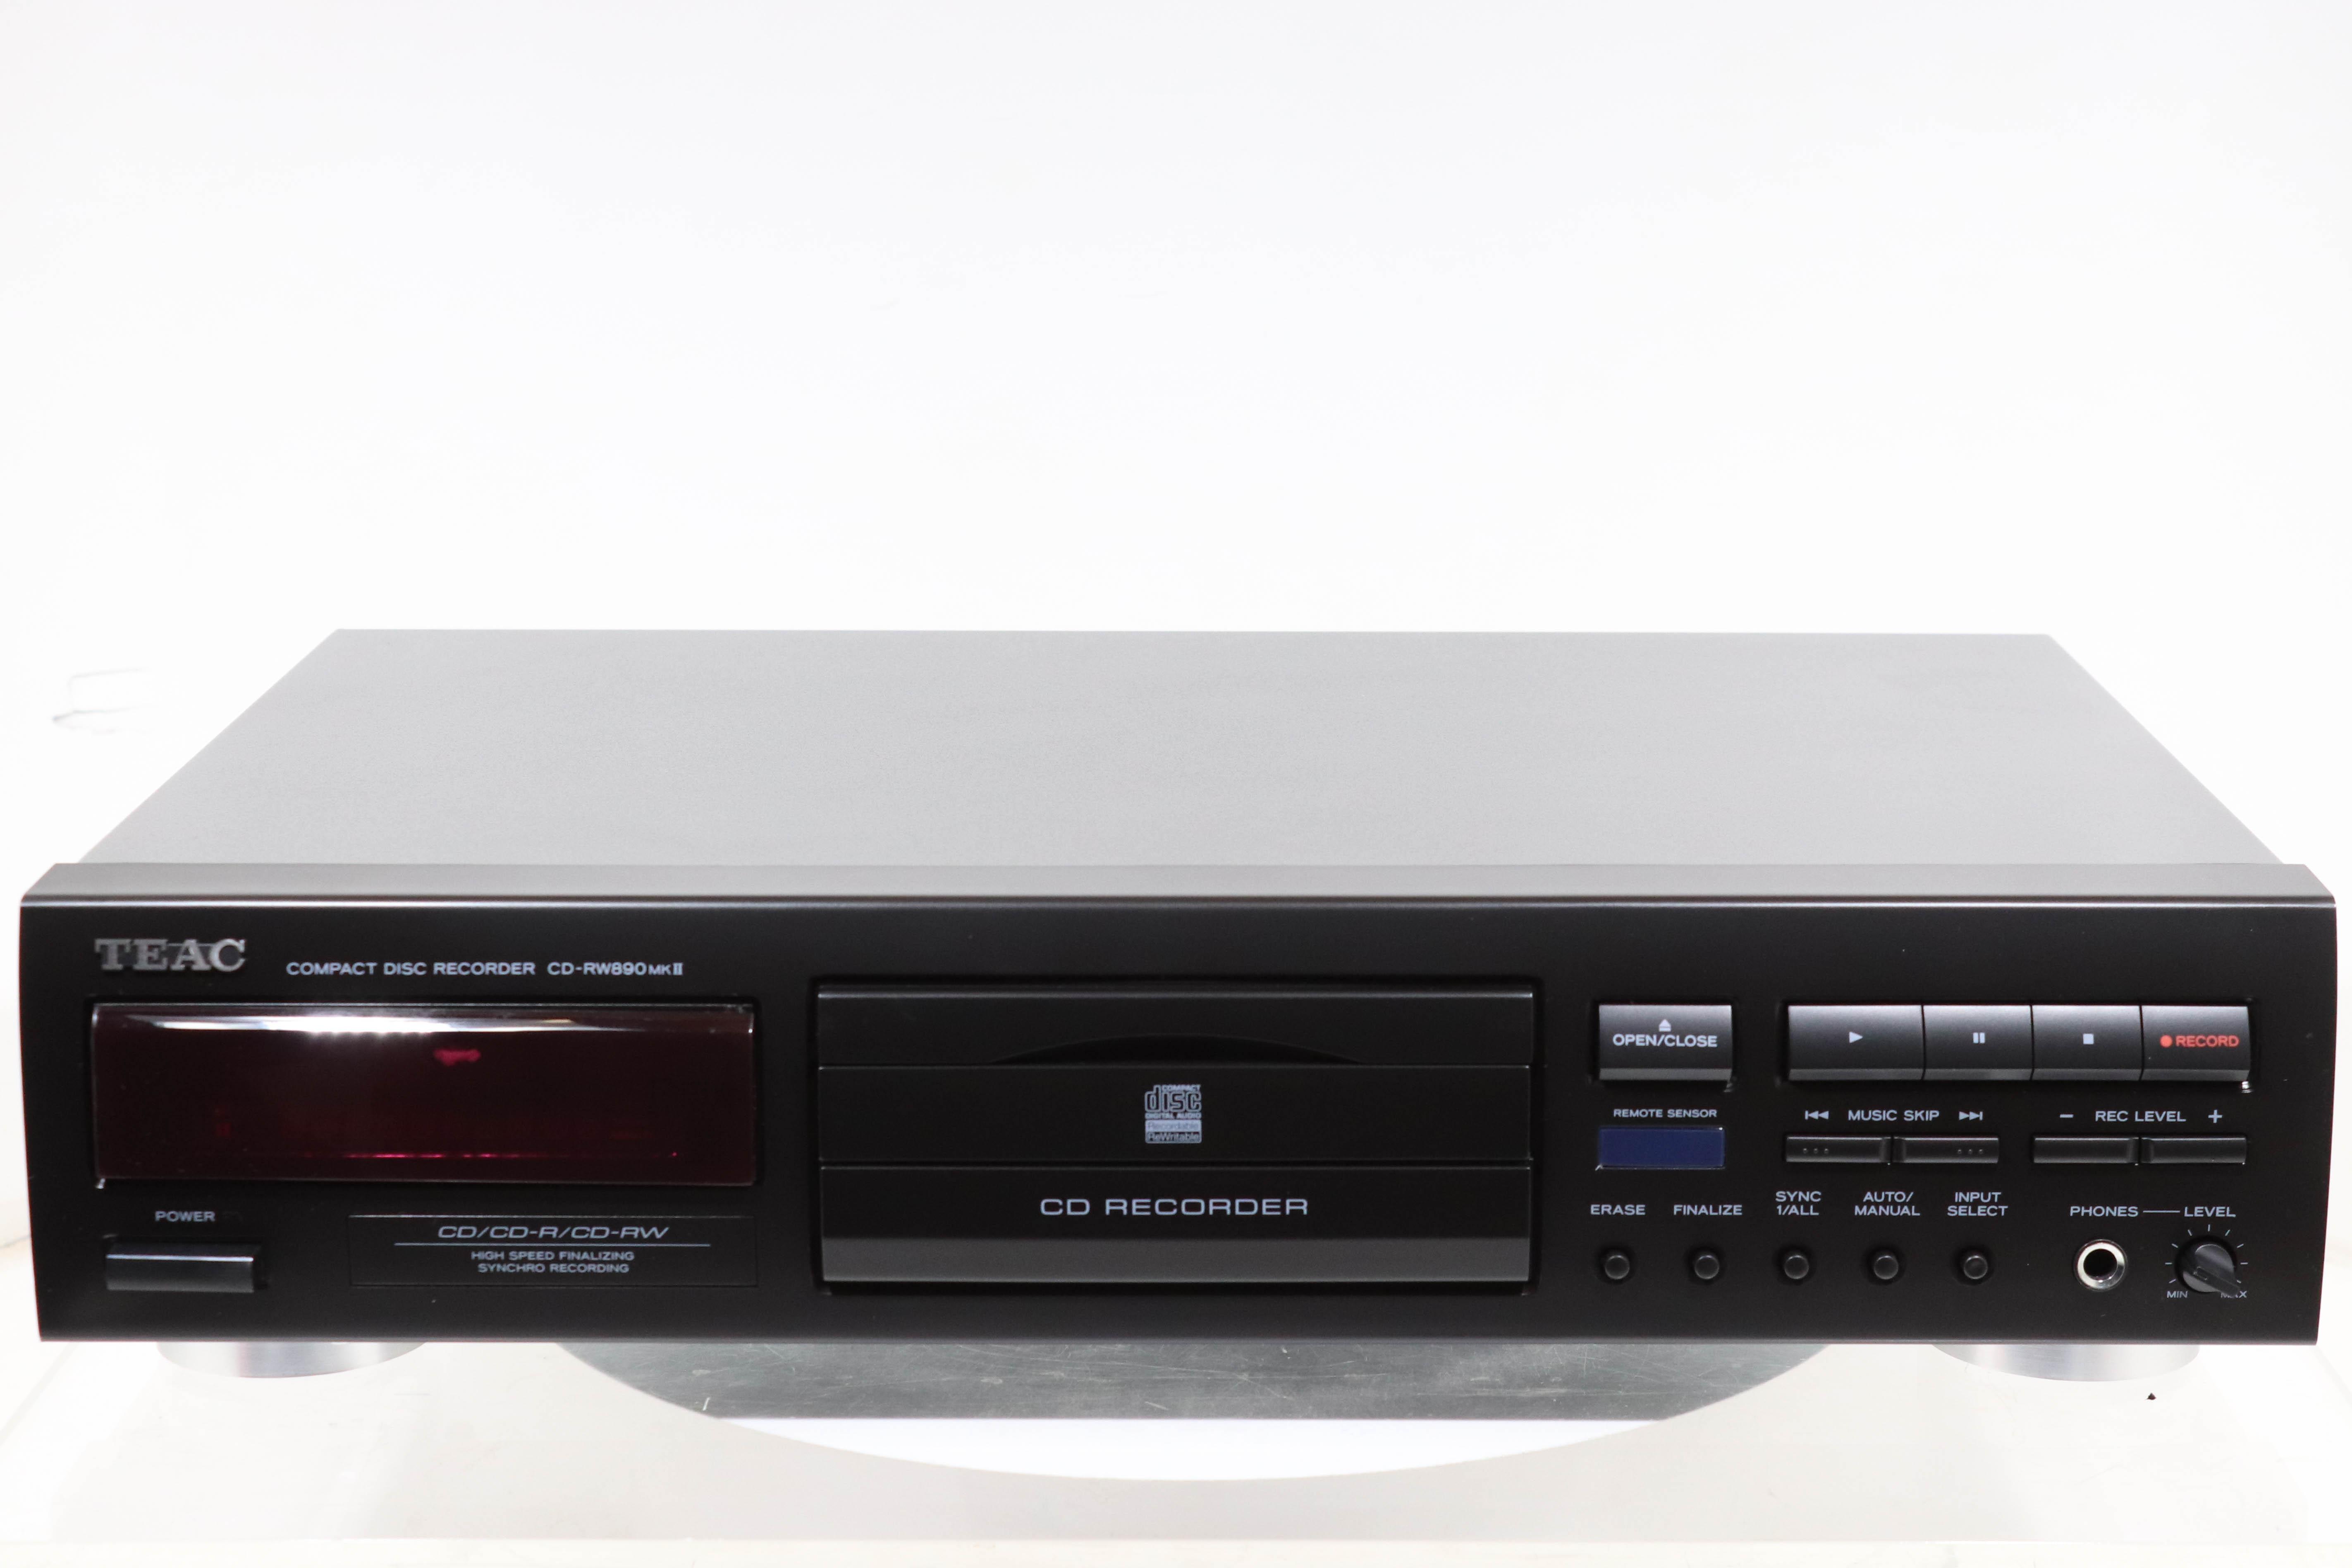 teac cd rw890 mkii cd recorder 2ndhandhifi used hifi rh 2ndhandhifi co uk CD Recorders Walmart TEAC CD Recorder Manual